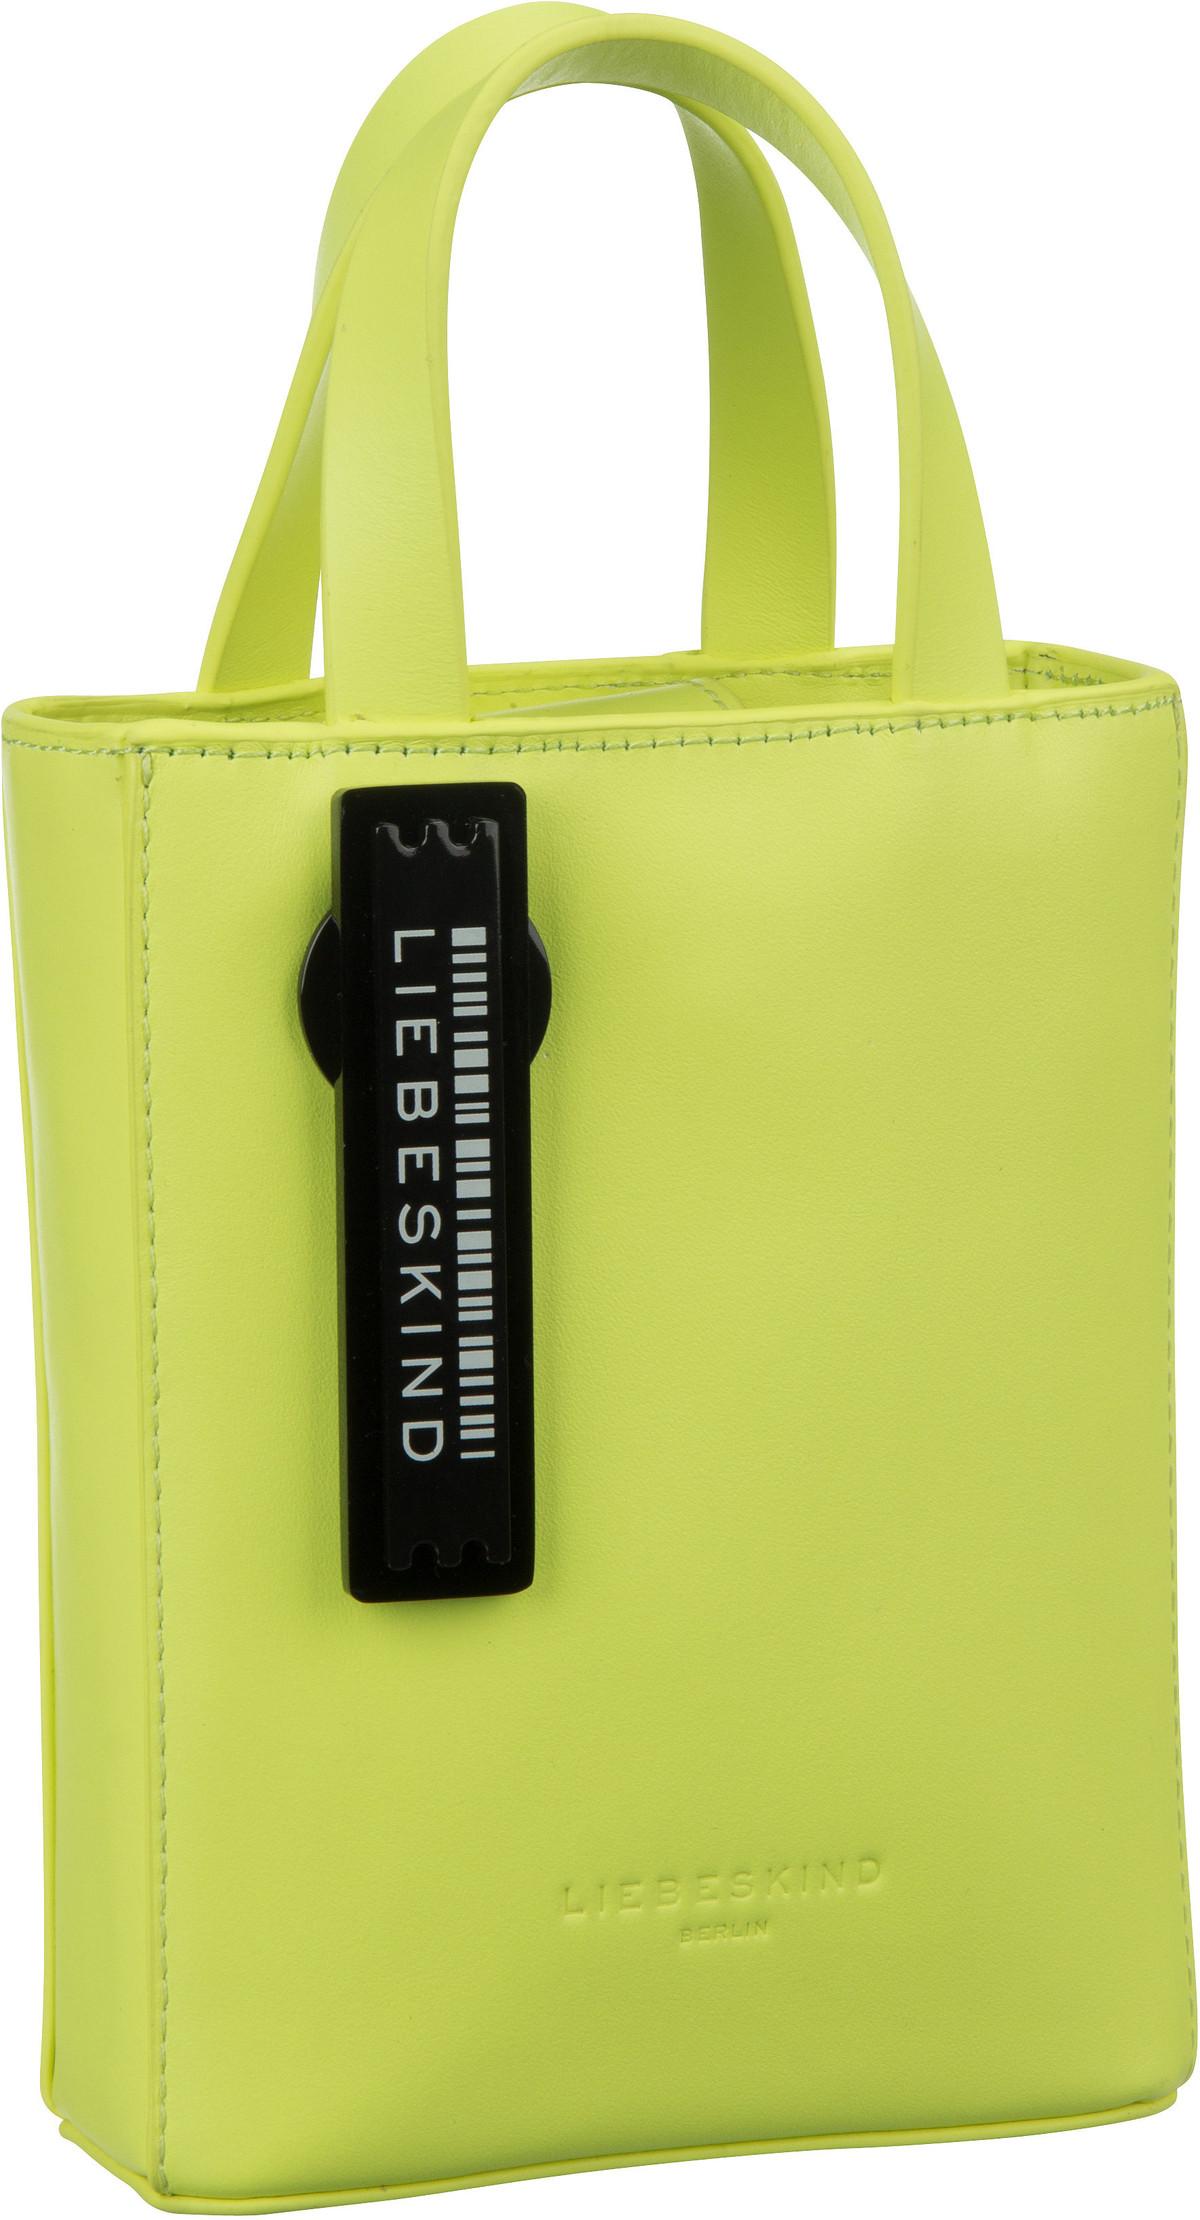 Berlin Umhängetasche Paper Bag Tote XS Neon Yellow